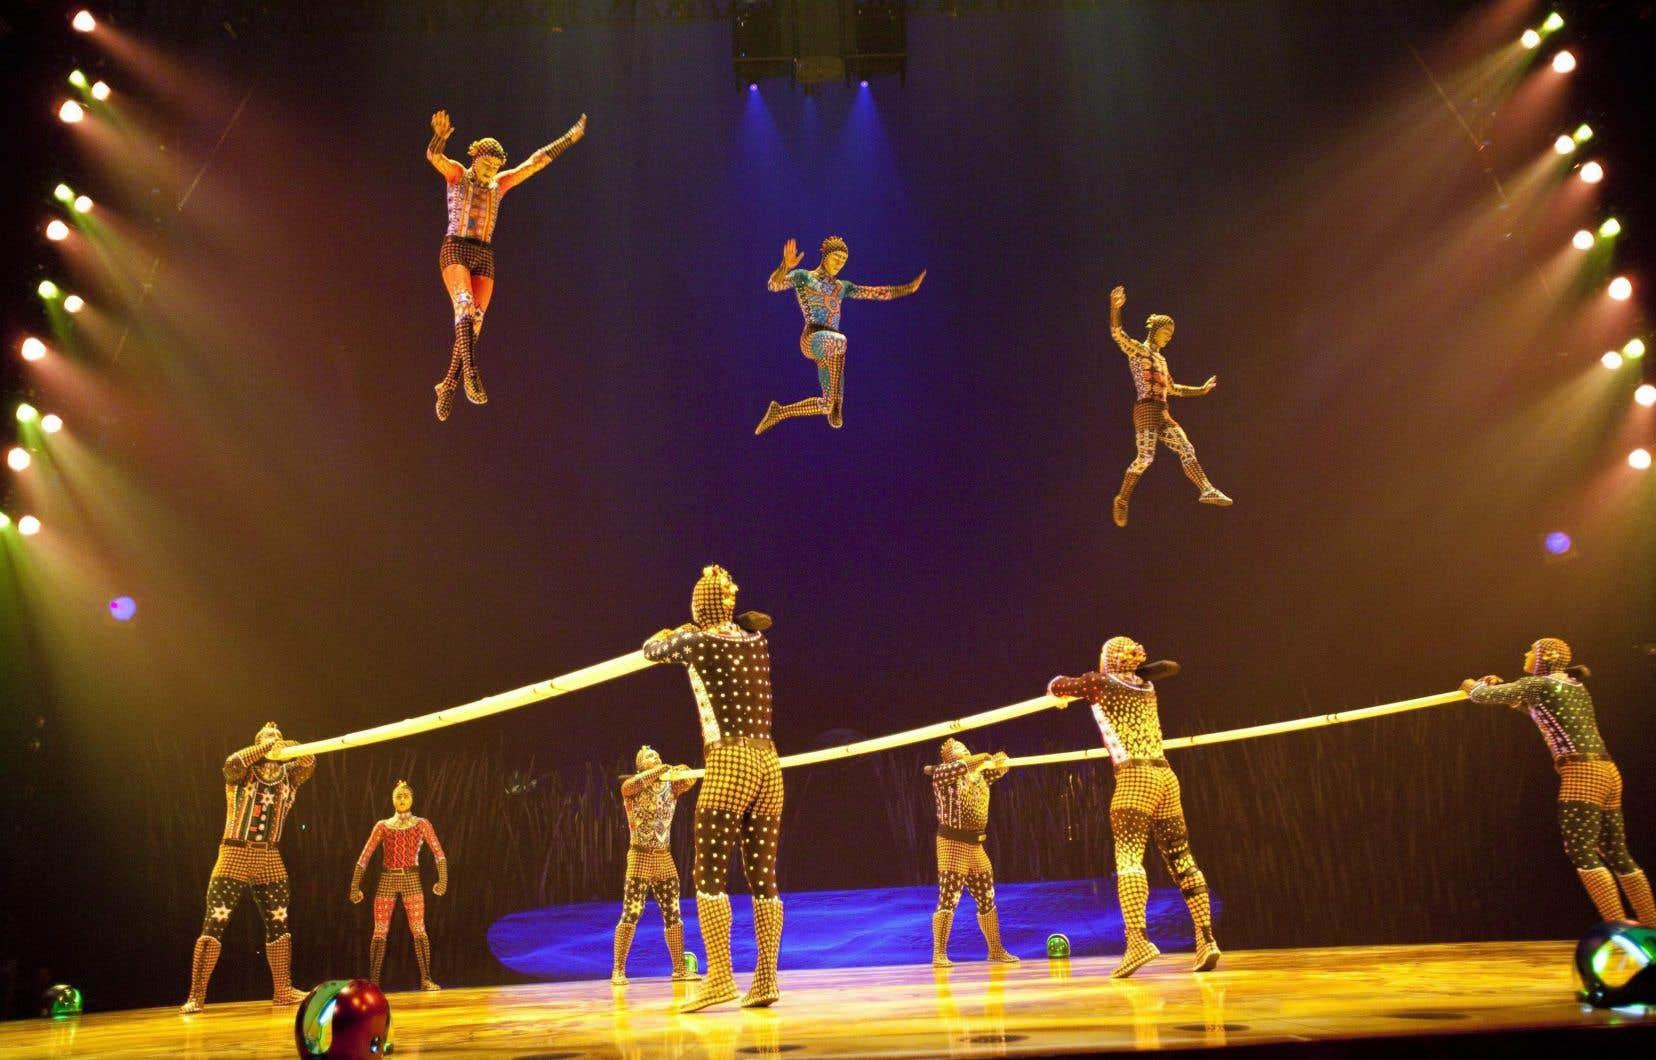 Les créances du Cirque du Soleil totalisent plus de 1,6milliard de dollars US.